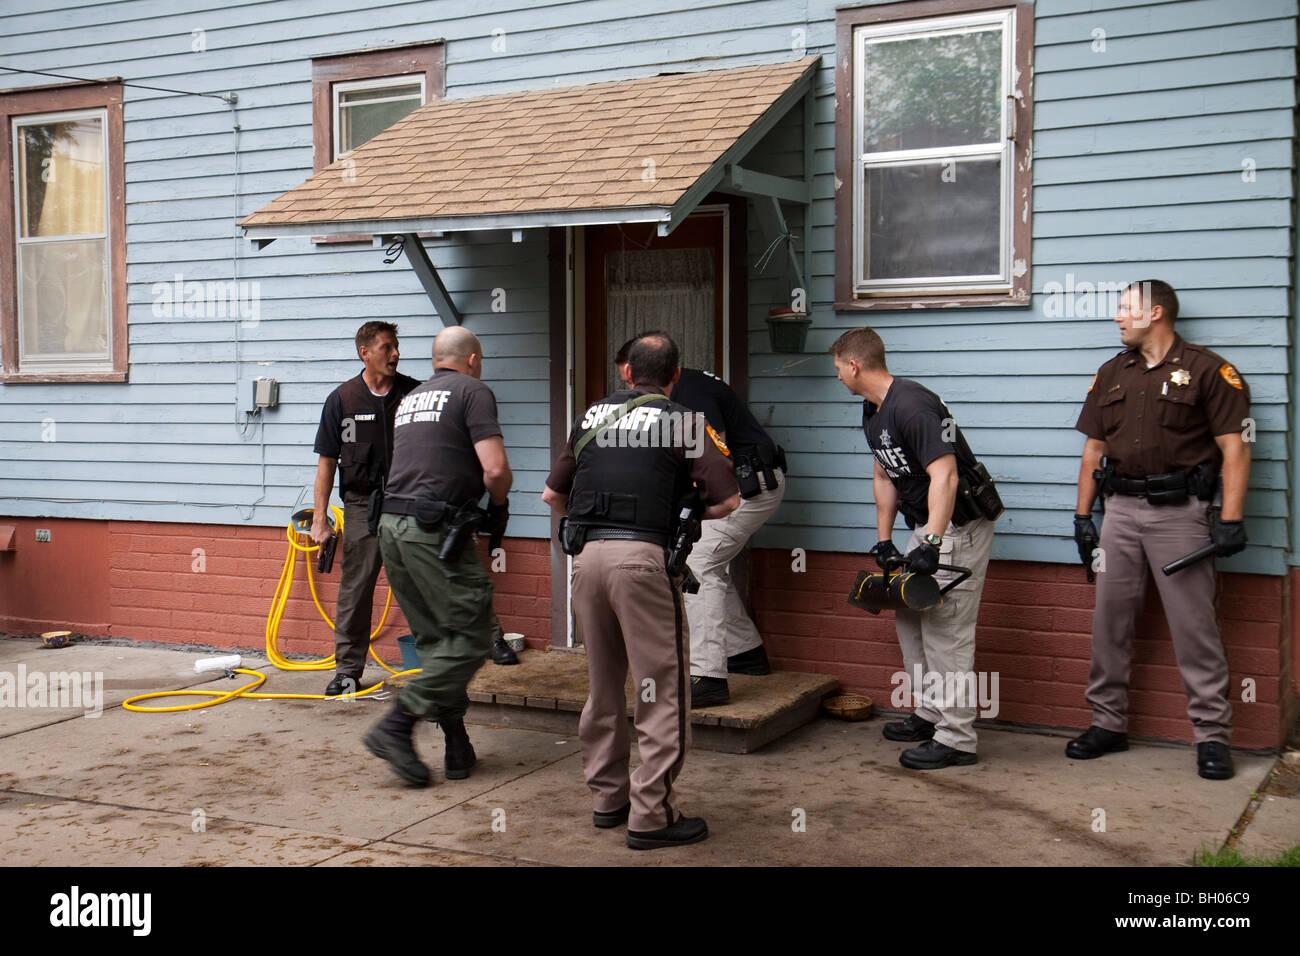 La Oficina del Sheriff diputados cumpliendo orden de búsqueda relacionados con las drogas. Imagen De Stock